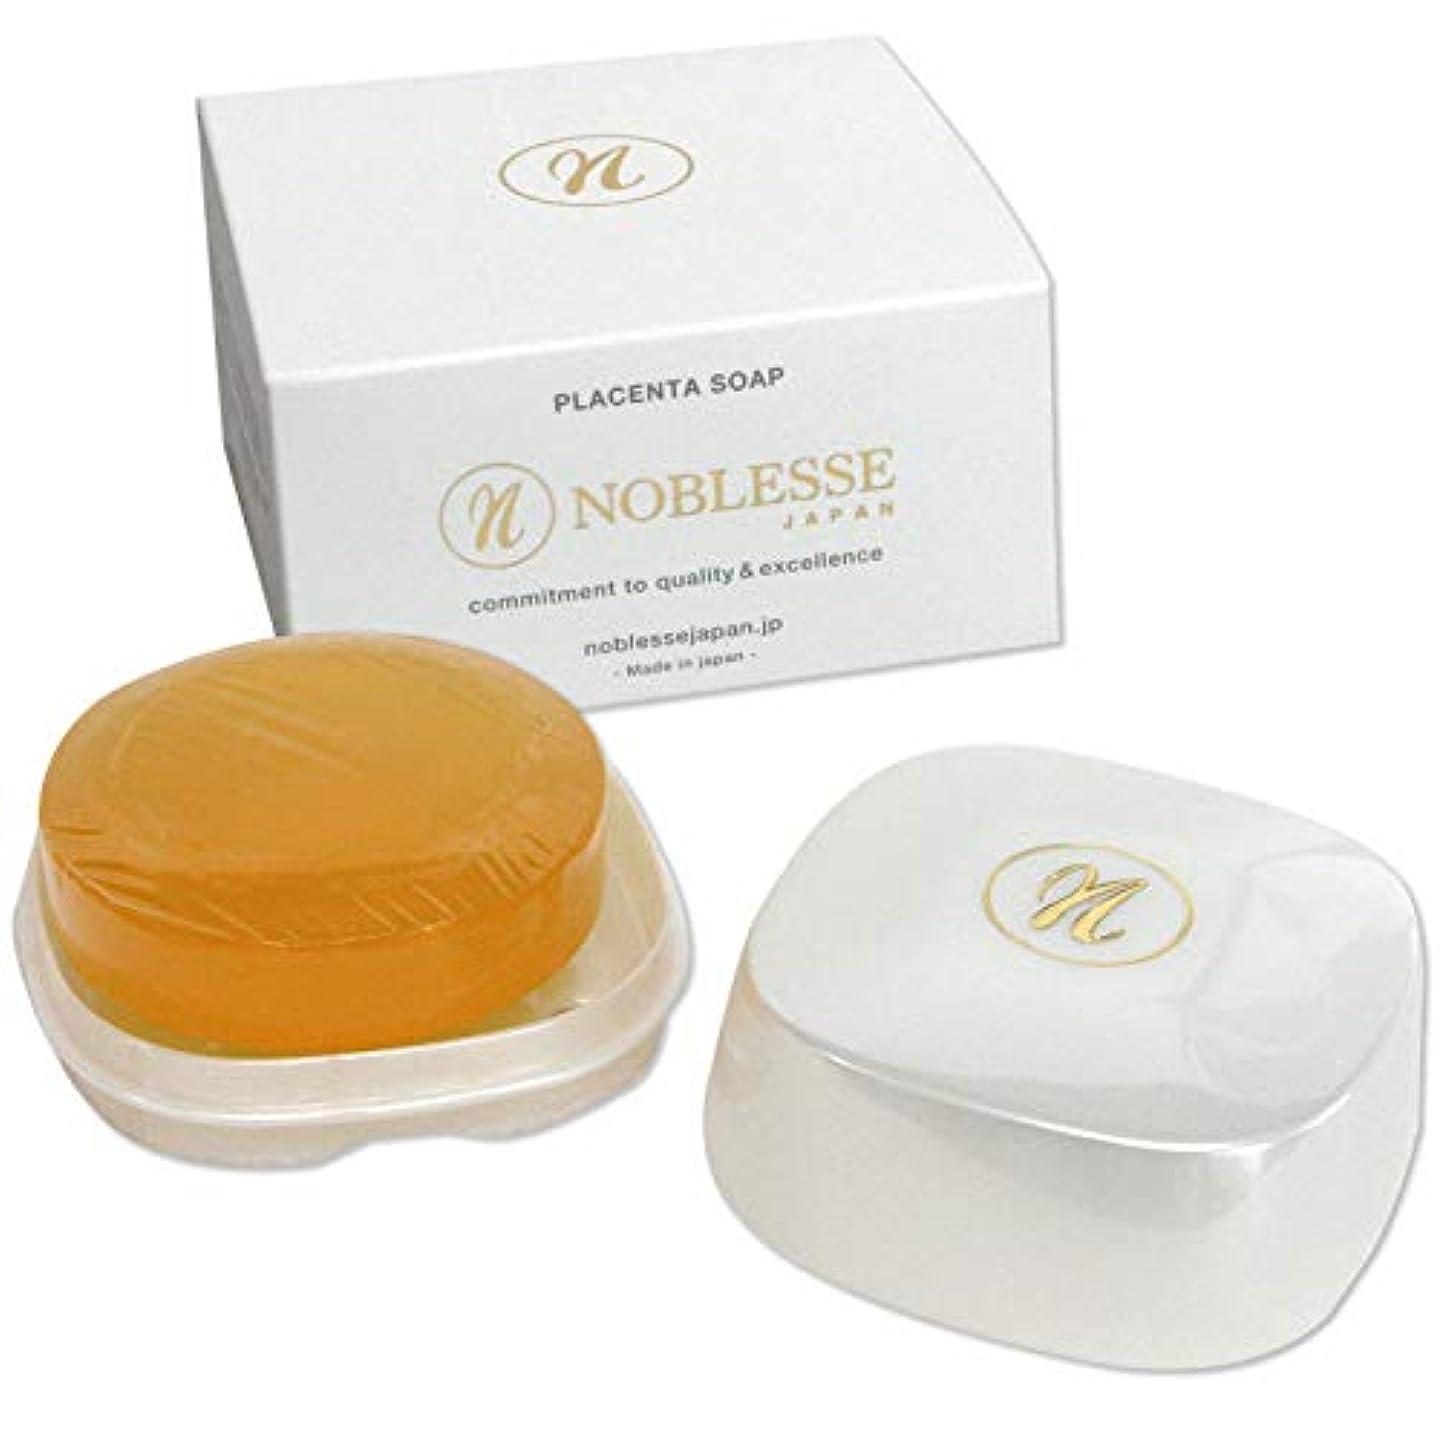 対象オプションワイプノーブレス ジャパンプラセンタ 洗顔ソープ 90g バージンプラセンタ洗顔 石けん